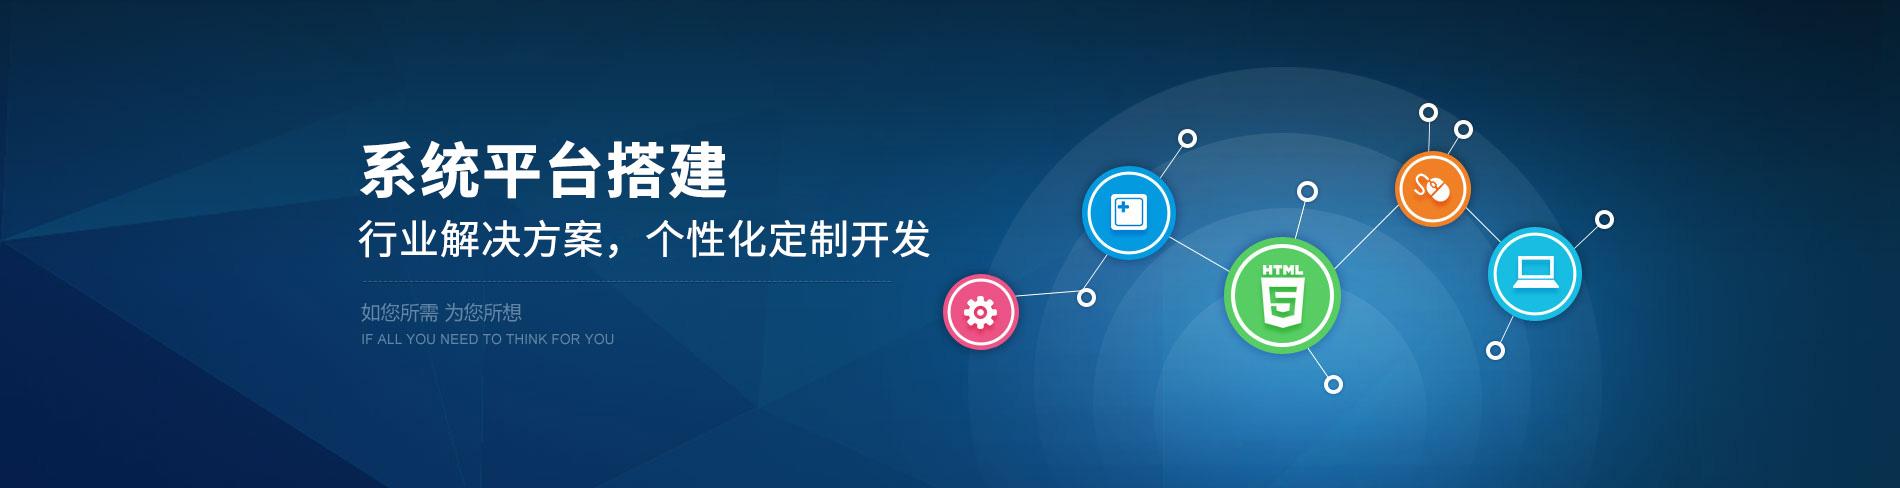 系统开发平台